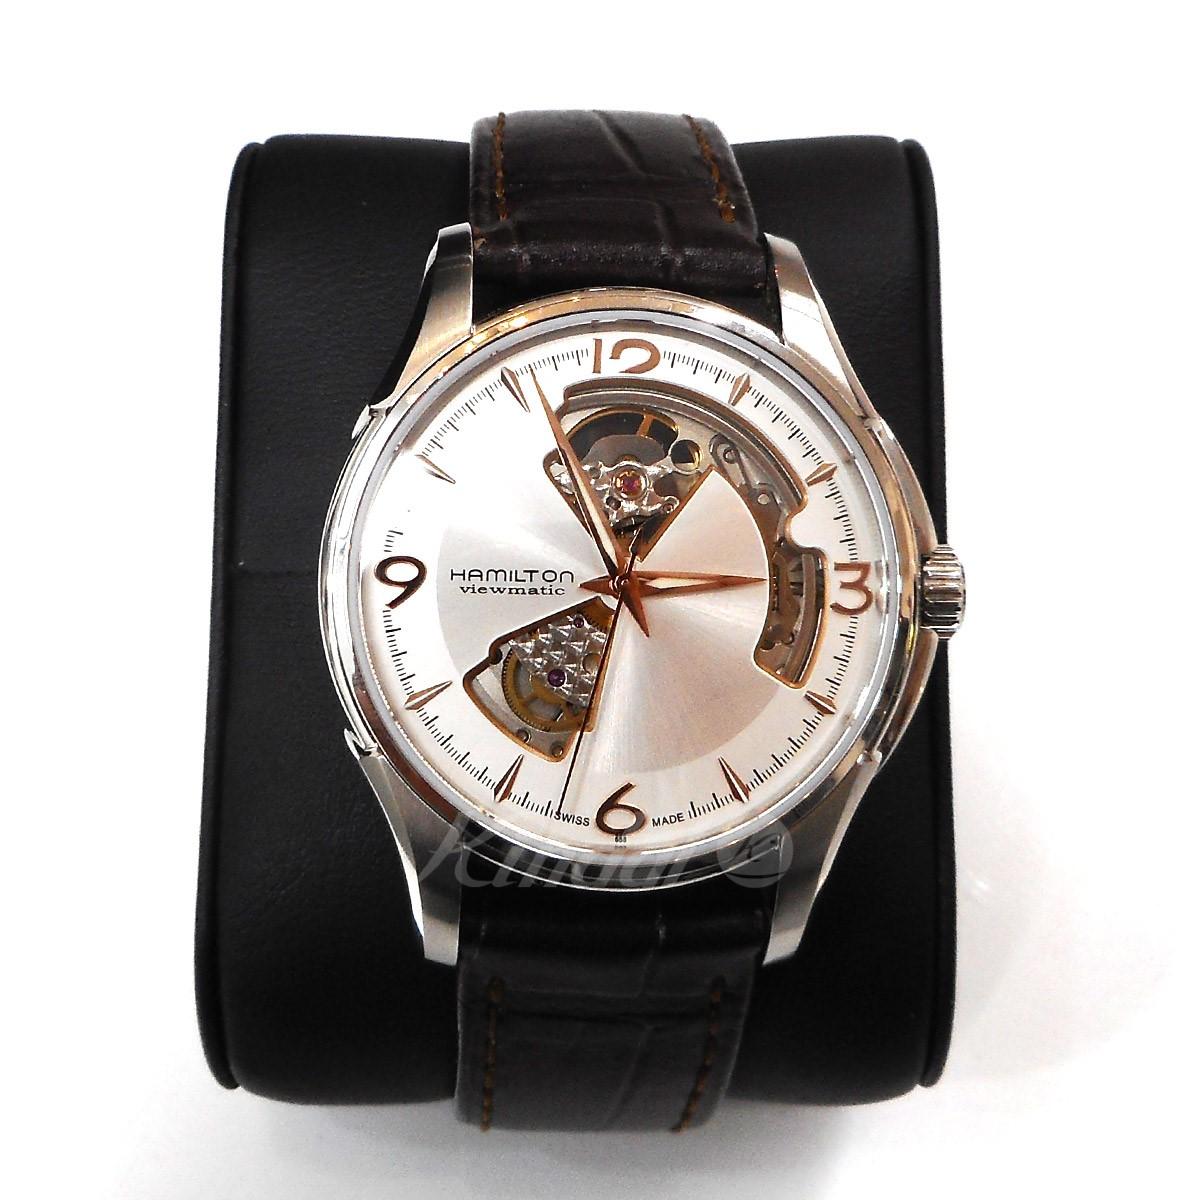 【中古】HAMILTON ジャズマスター オープンハート 茶レザー H325650 腕時計 シルバー 【送料無料】 【150519】(ハミルトン)